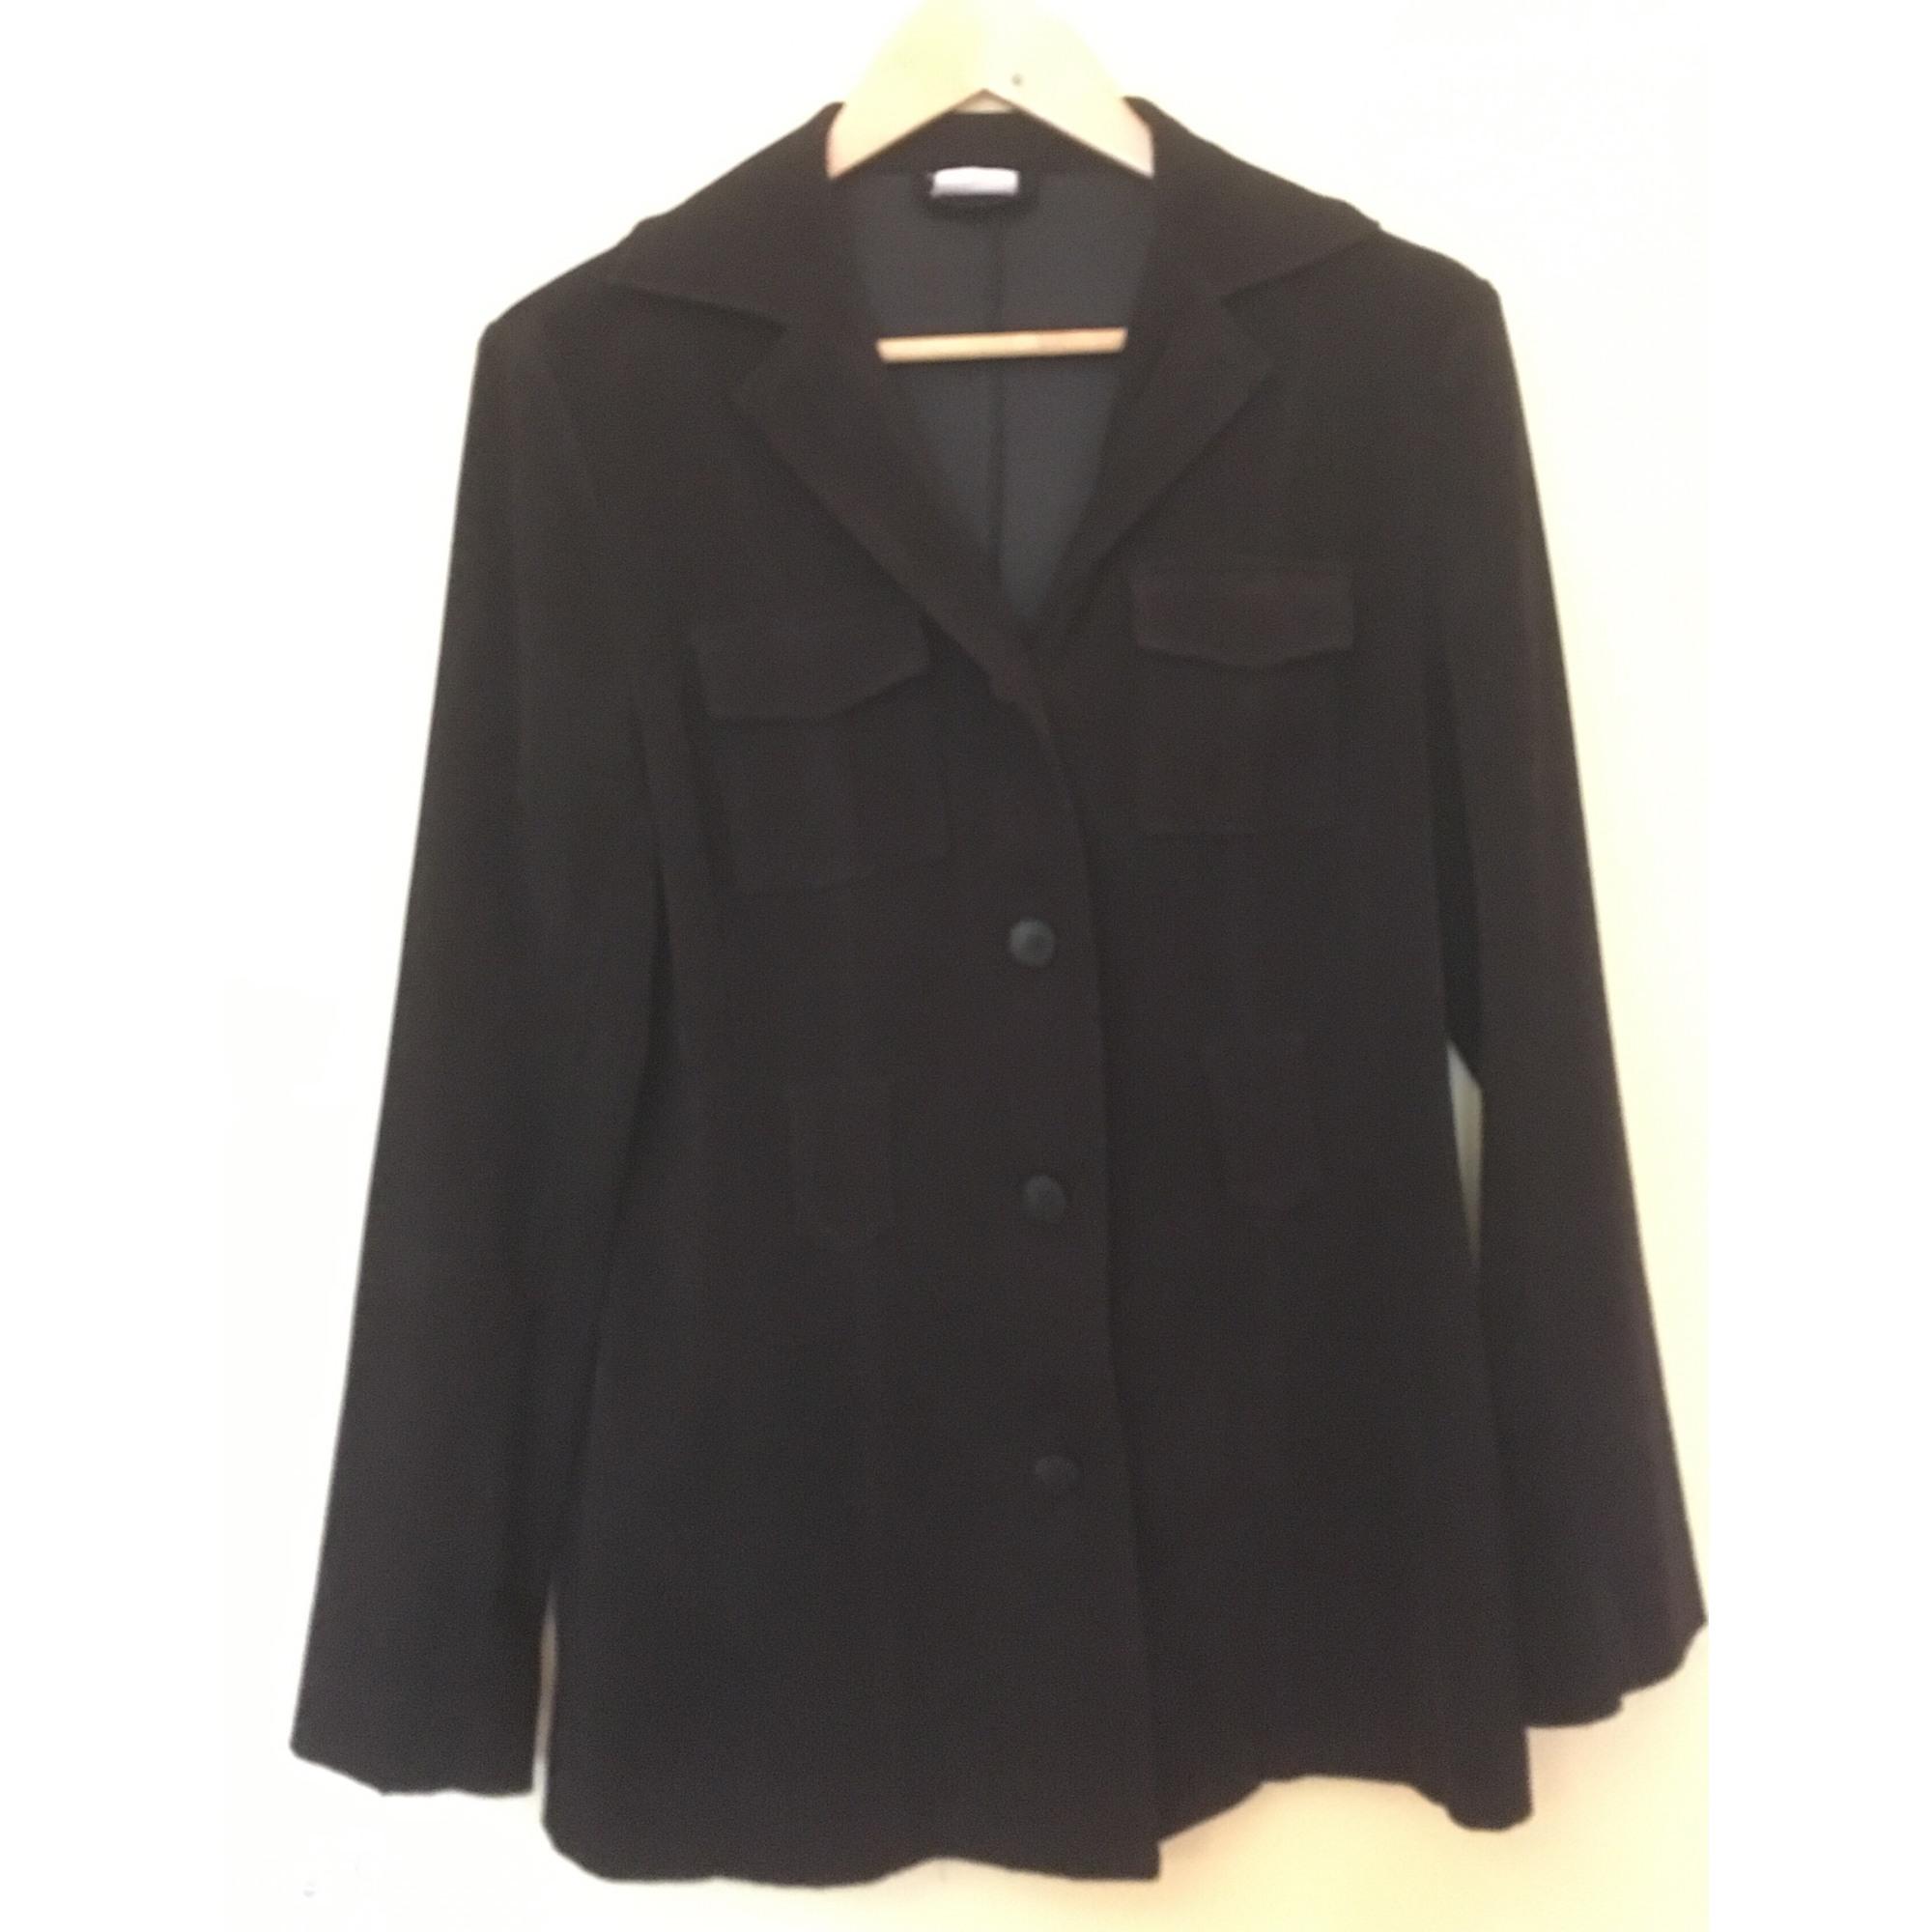 Tailleur pantalon MARQUE INCONNUE Noir